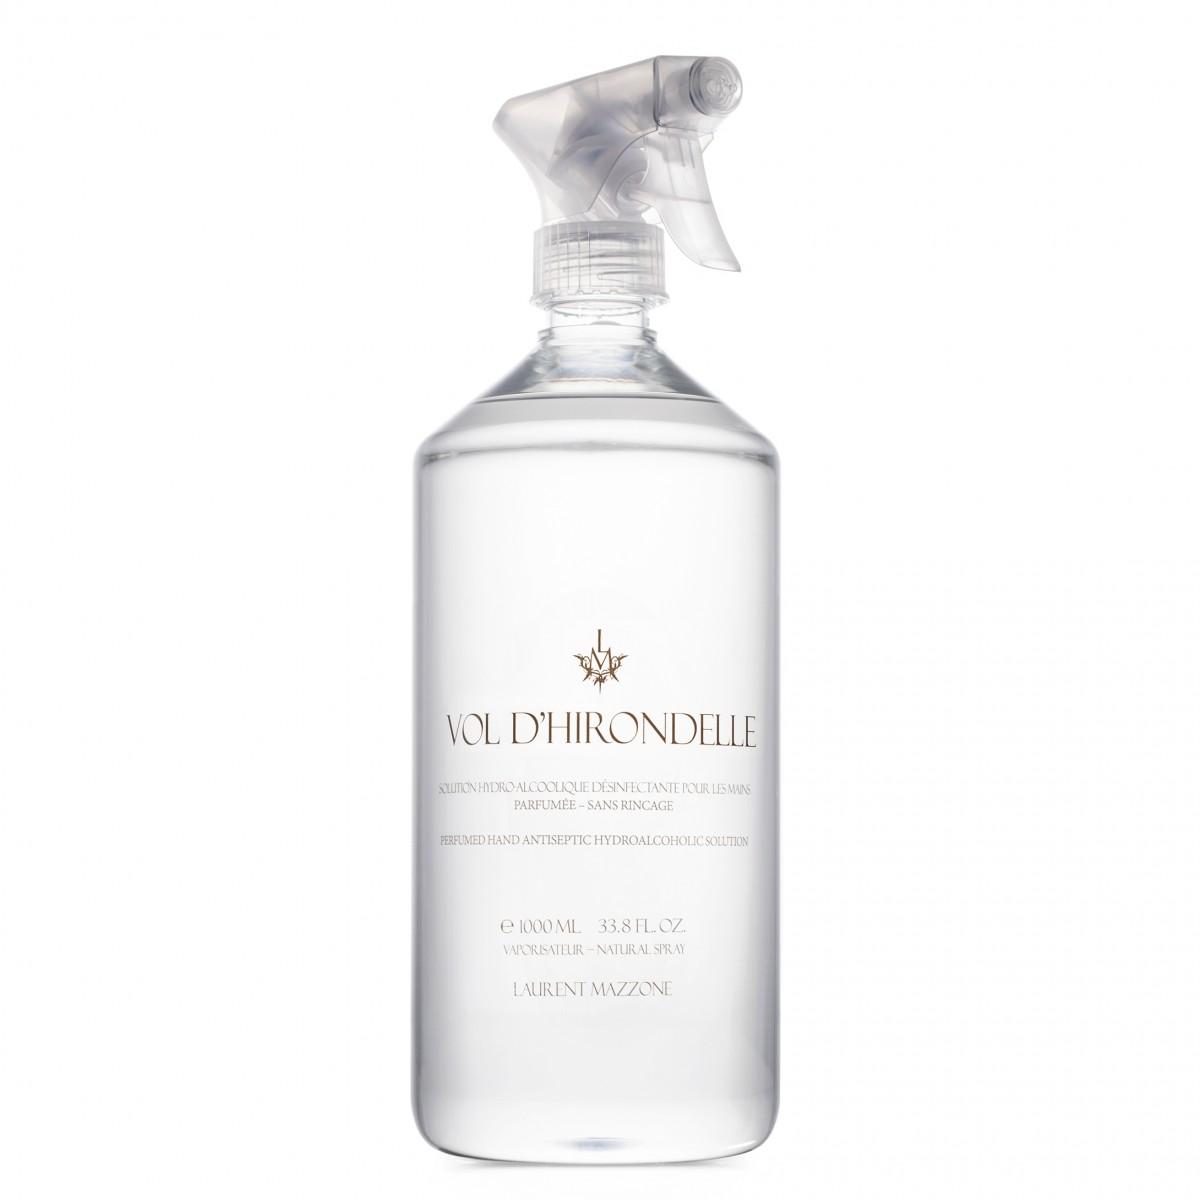 VOL D'HIRONDELLE - LM Parfums